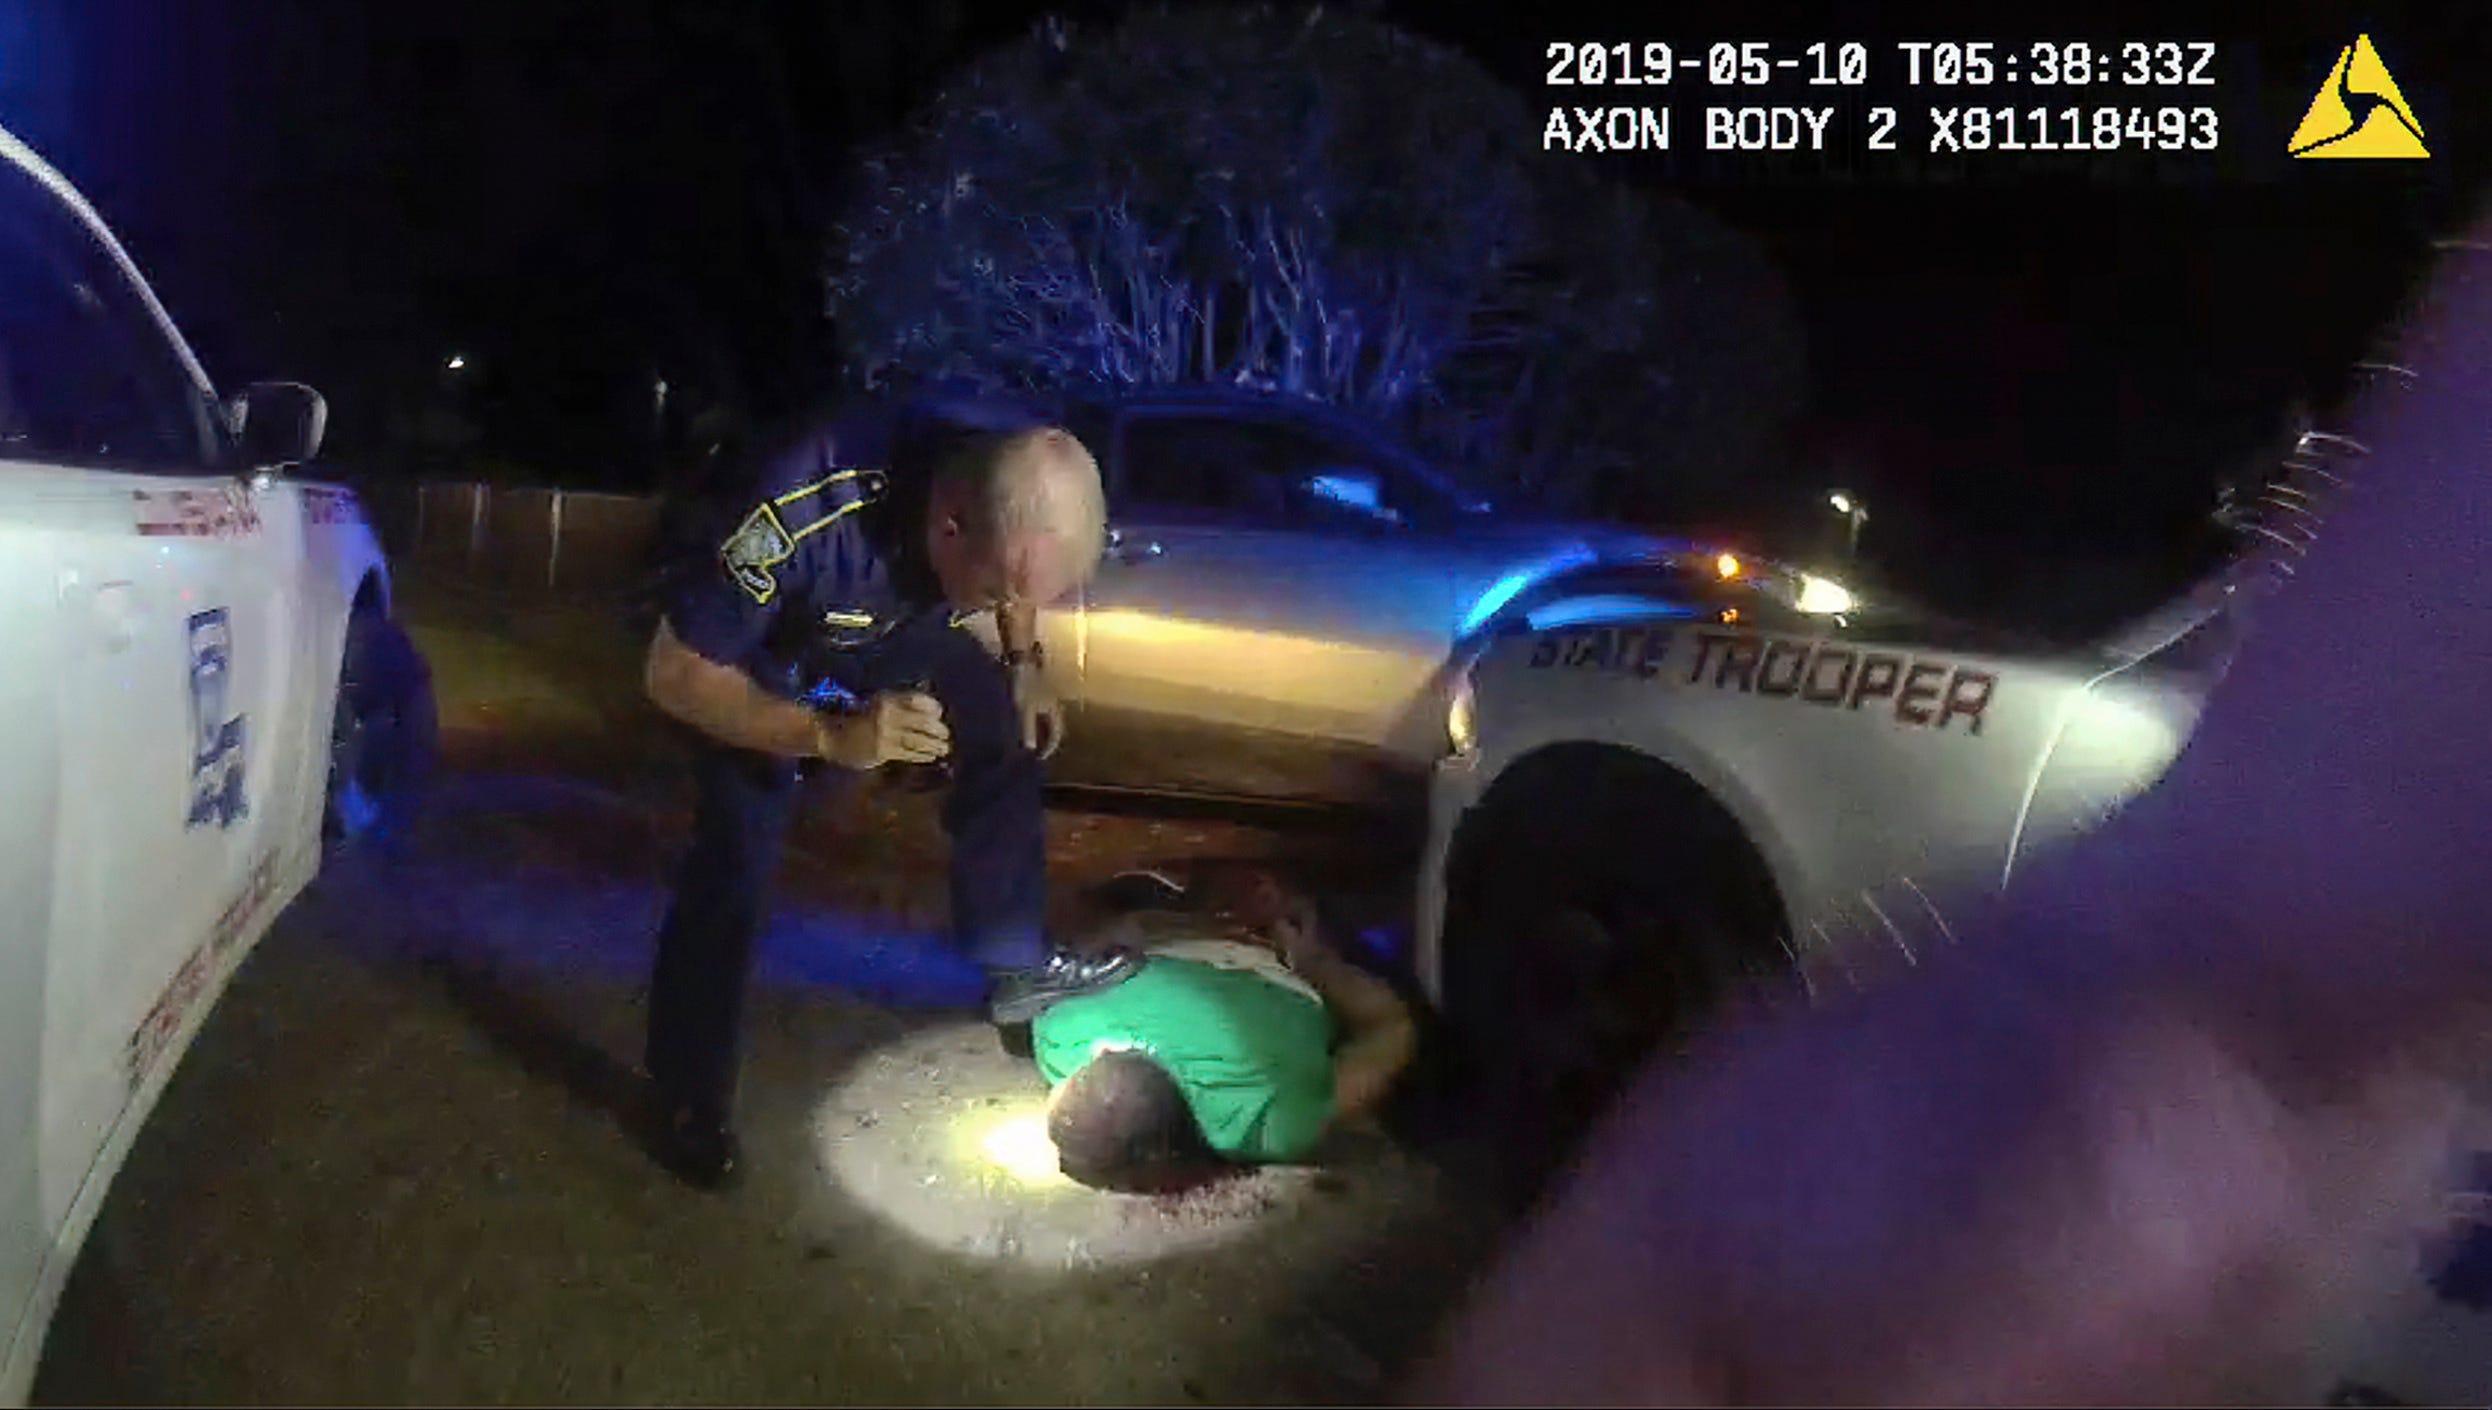 'I'm scared': Cop video shows deadly arrest of Black man 2